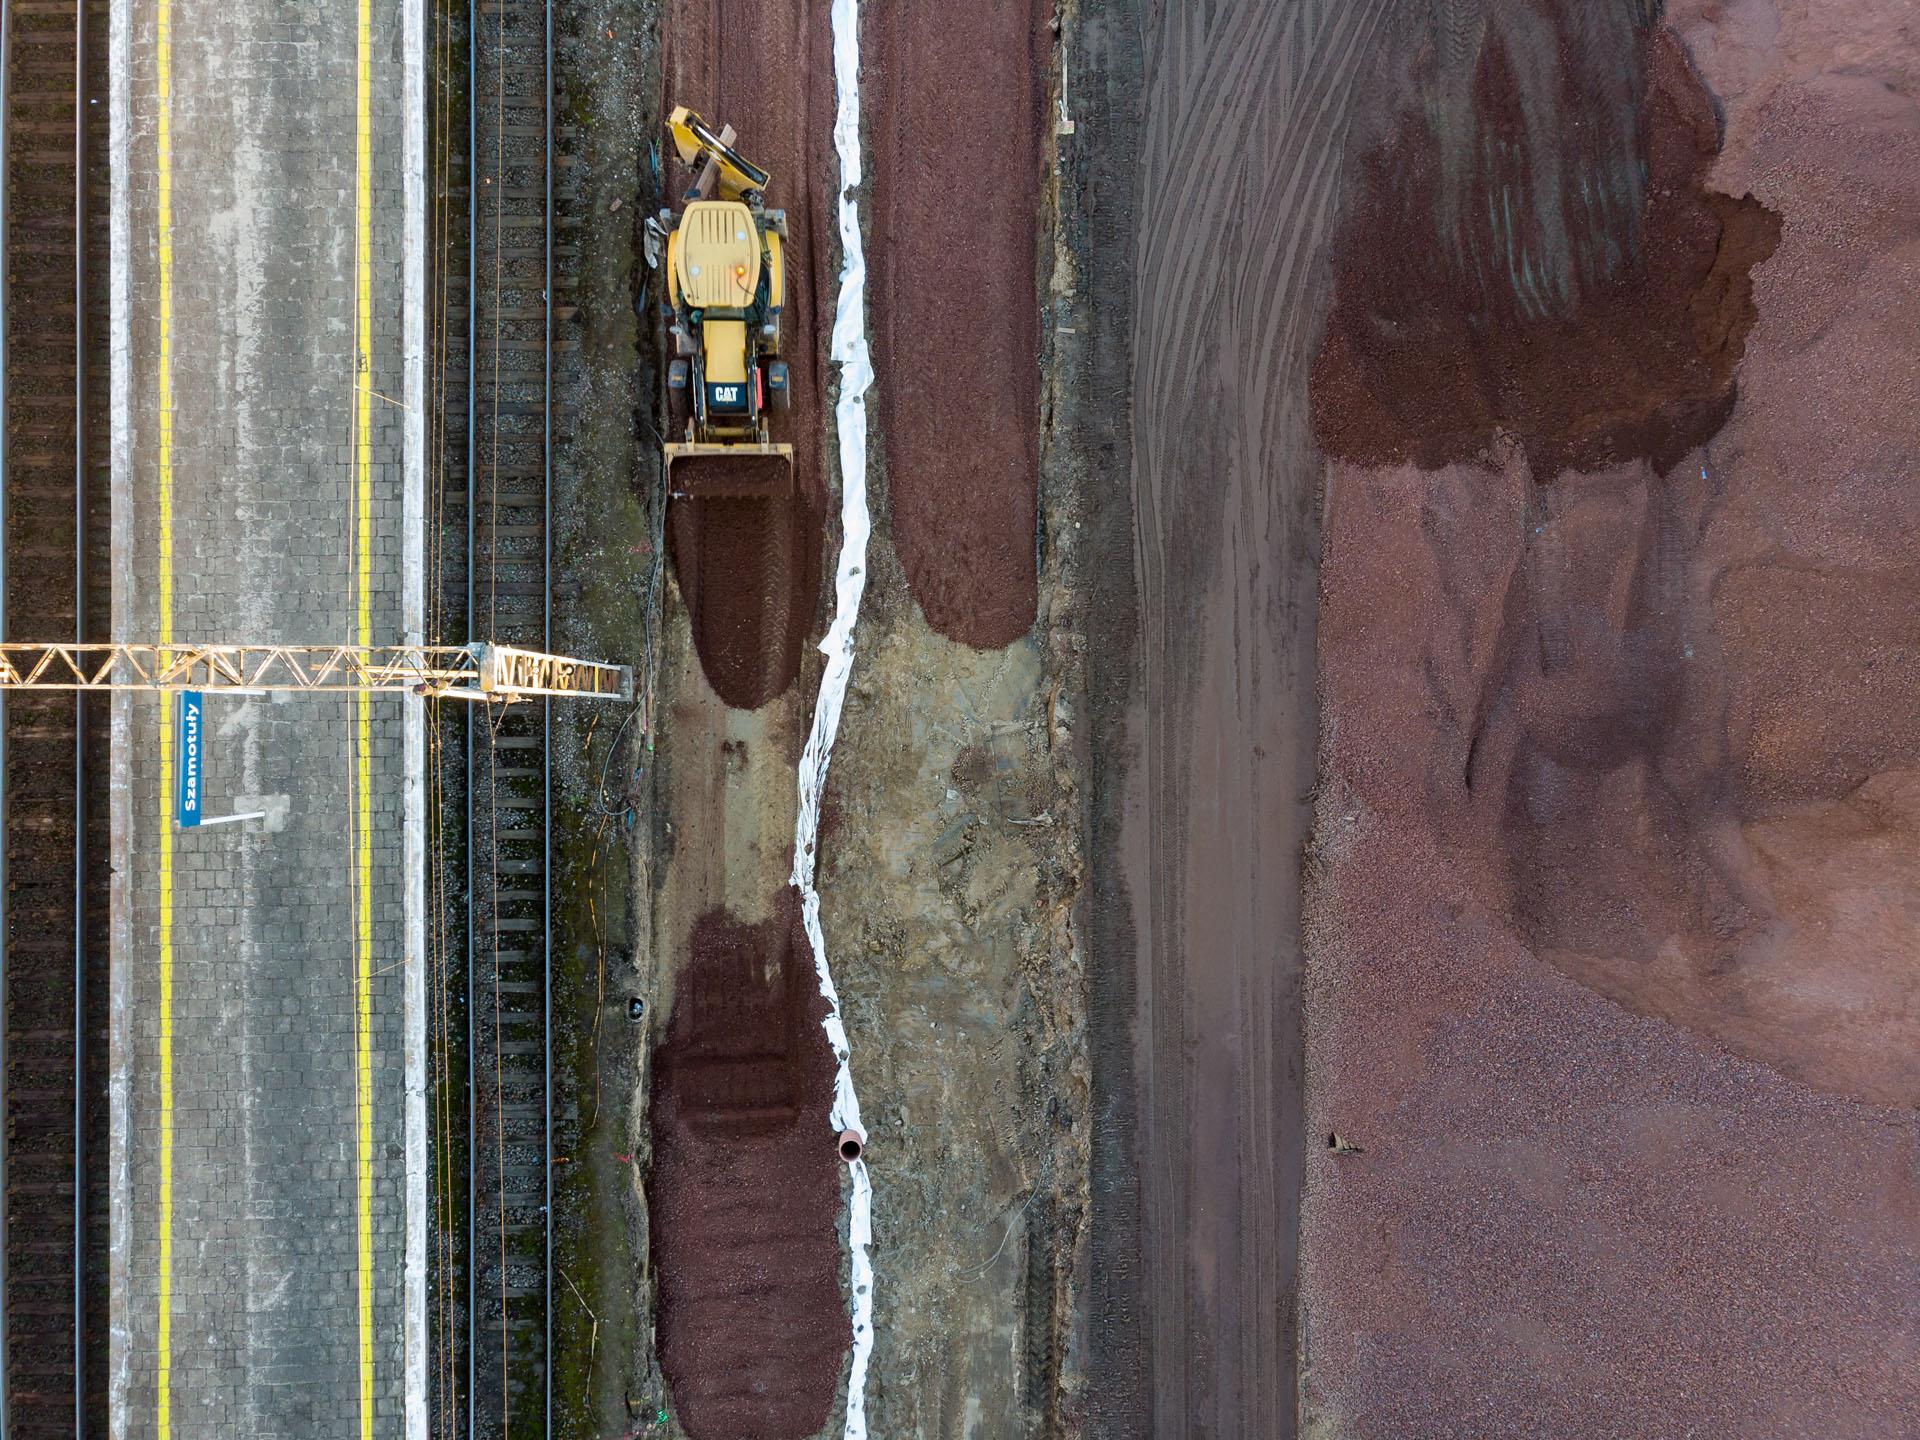 Galeria zdjęć pokazuje prace ziemne na szlaku Poznań-Kiekrz, które miały miejsce w lutym 2019 roku.